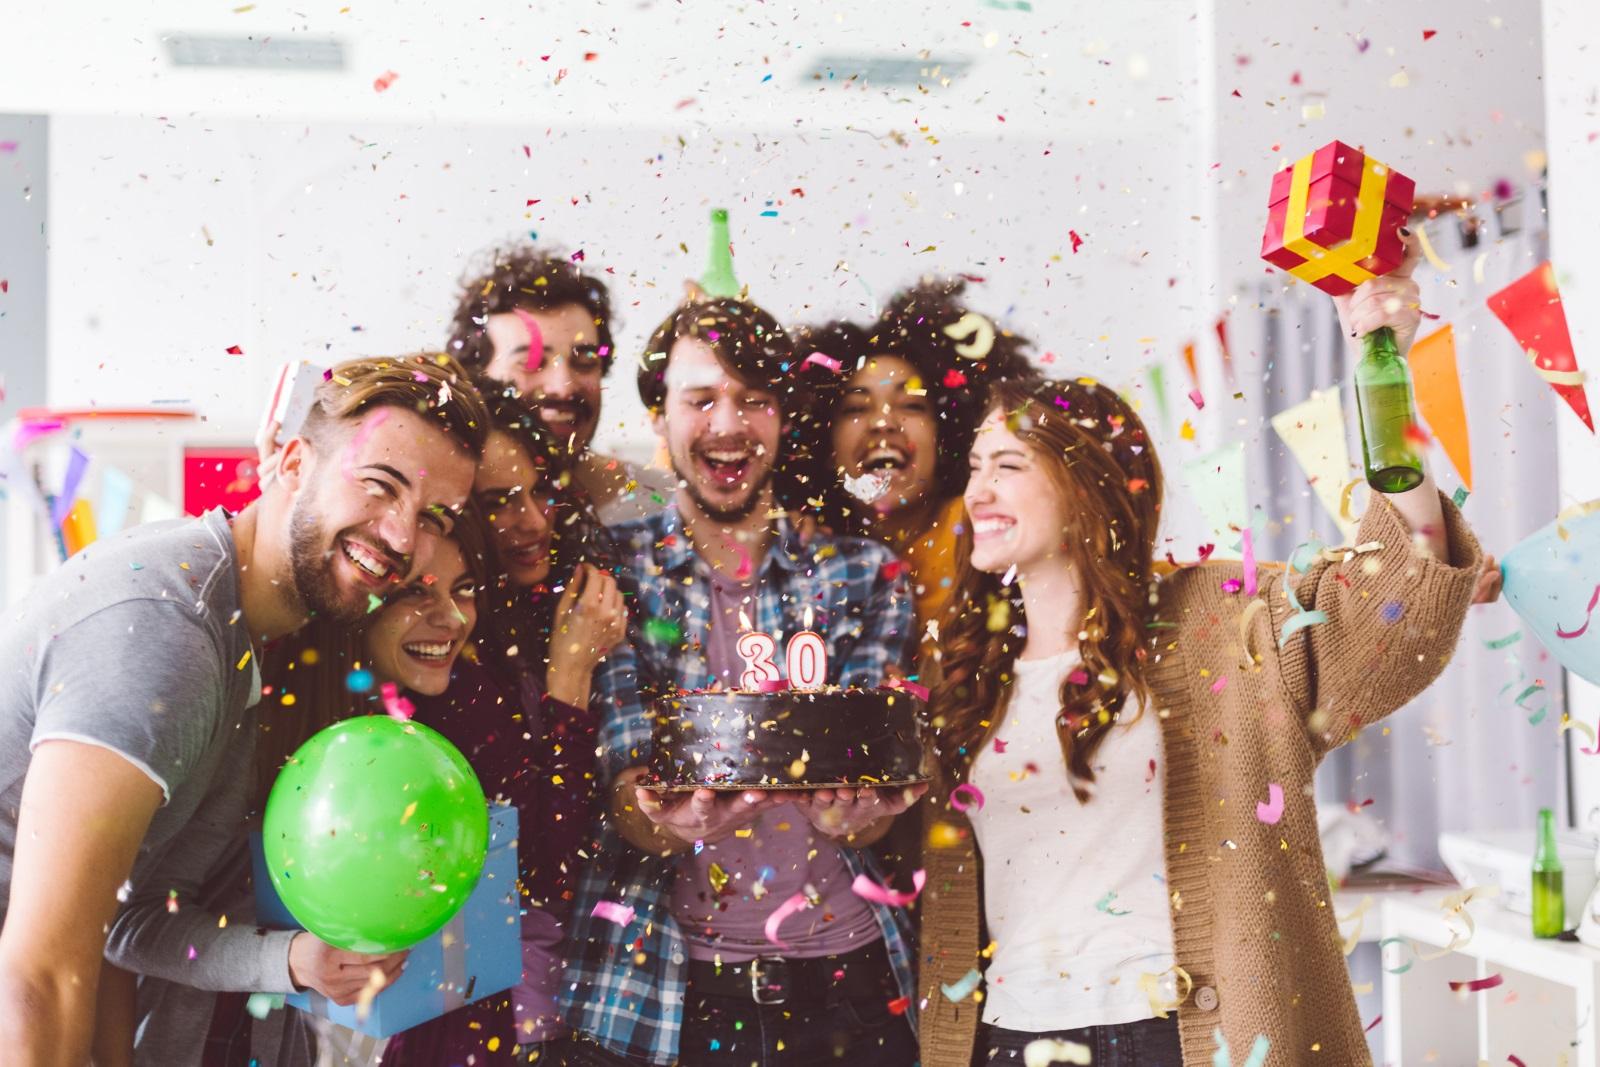 <p>Тематично парти-изненада. Може да ти звучи очевидно, но парти-изненада е чудесен жест да покажеш на партньора си колко е обичан &ndash; от теб и от всичките му приятели. Ако партито е подчинено на конкретна тема &ndash; любимо шоу, филм, храна &ndash; ще му покажеш колко много го познаваш всъщност. Признаваме, че изисква усилия, за да се организира, но ако с партньора ви имате много близки хора, които ви обичат и ще се зарадват да се включат в изненадата и да ти помогнат с подготовката, купонът и забавлението са гарантирани!</p>